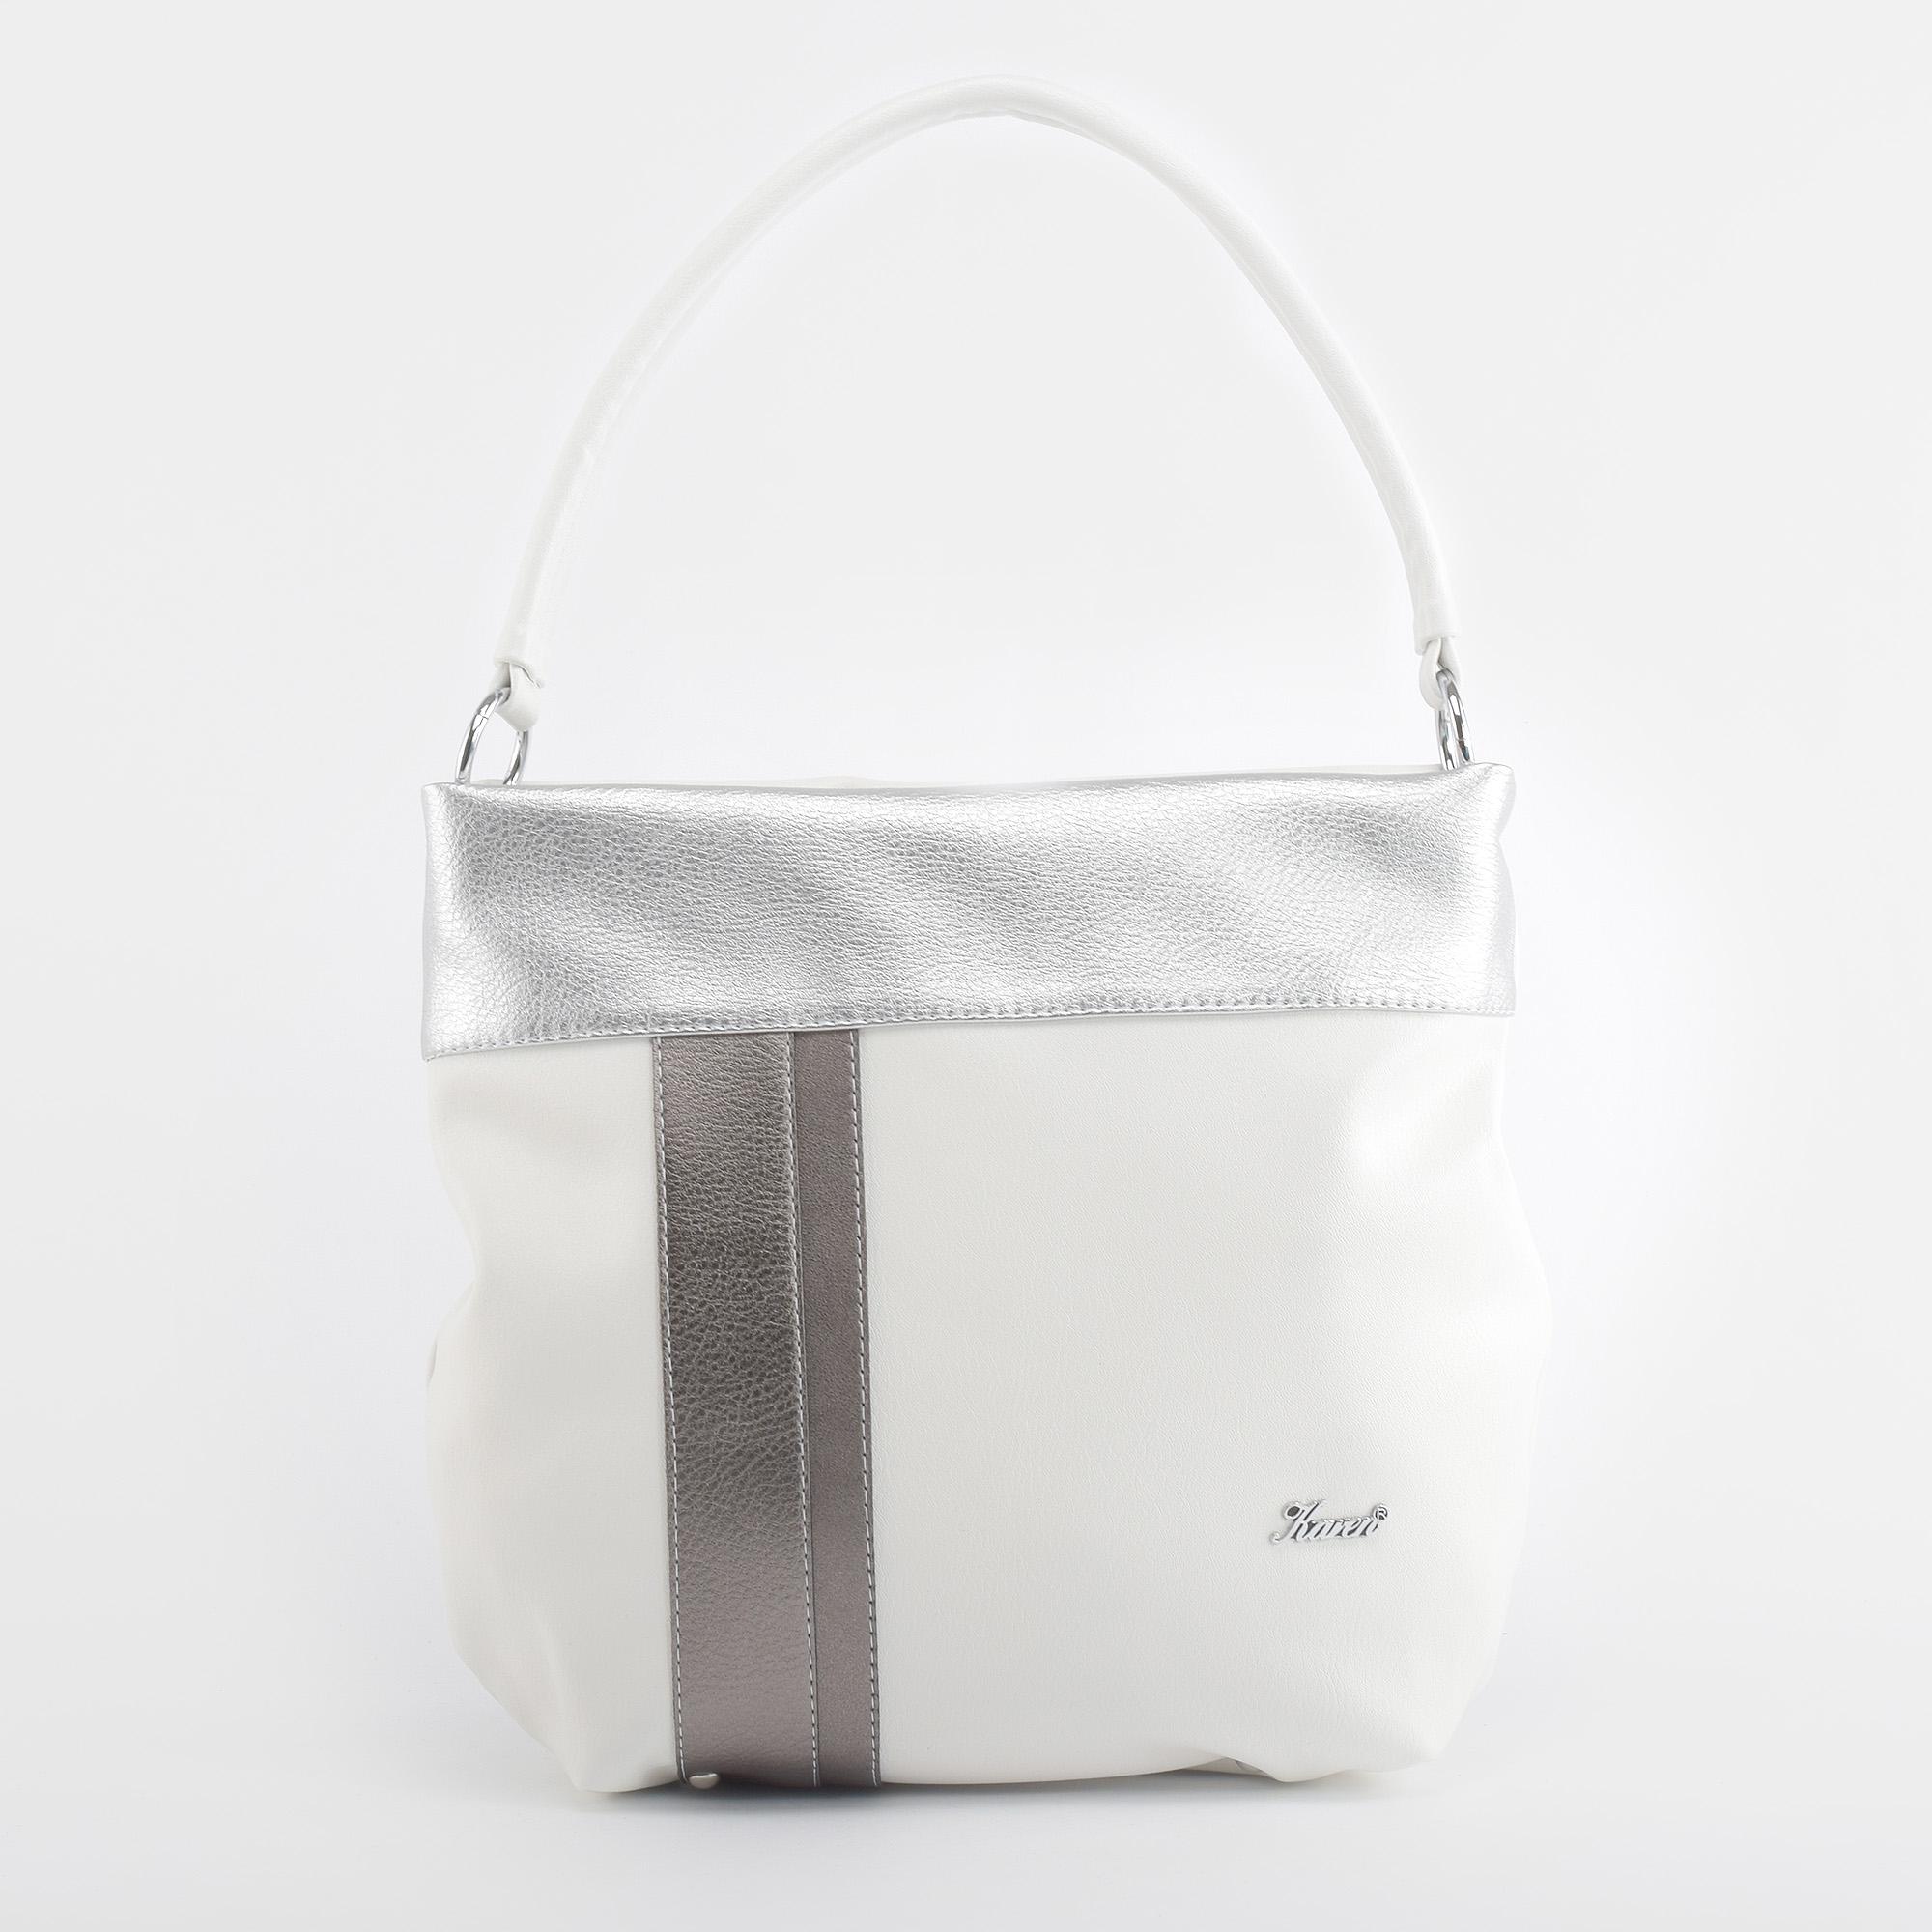 4c0d588e827c Karen Női Ezüst Rostbőr Válltáska - Válltáskák - Táska webáruház - Minőségi  táskák mindenkinek